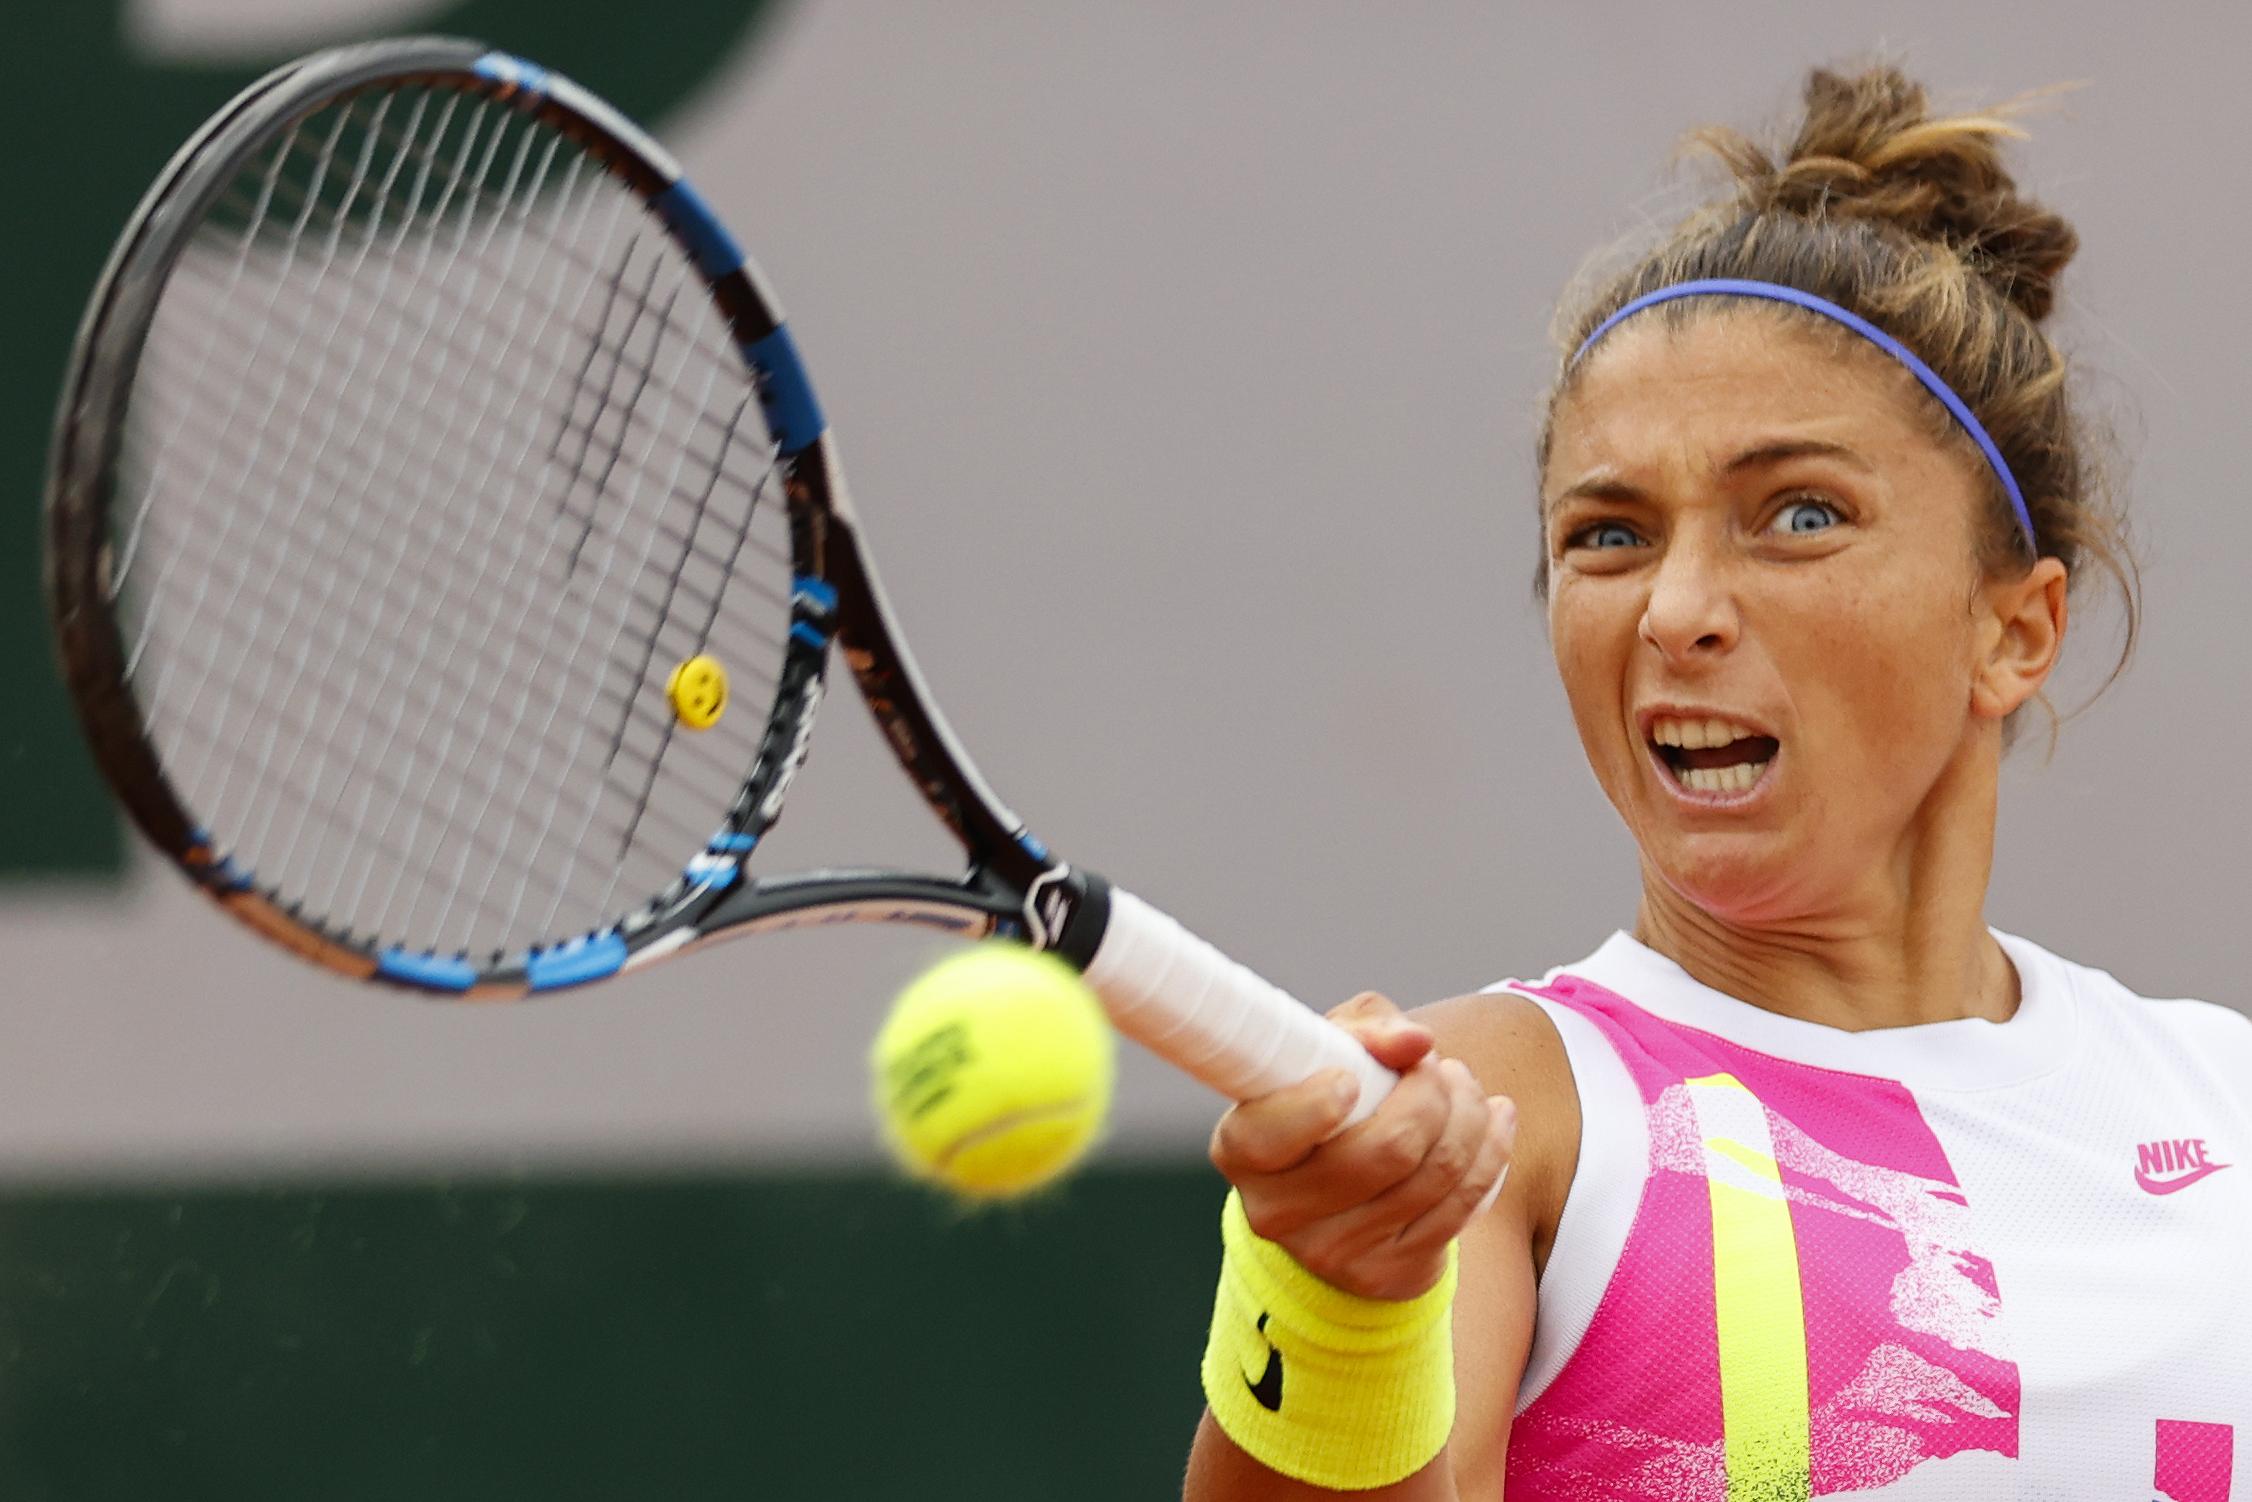 Sara Errani hits a forehand in her match against Kiki Bertens.